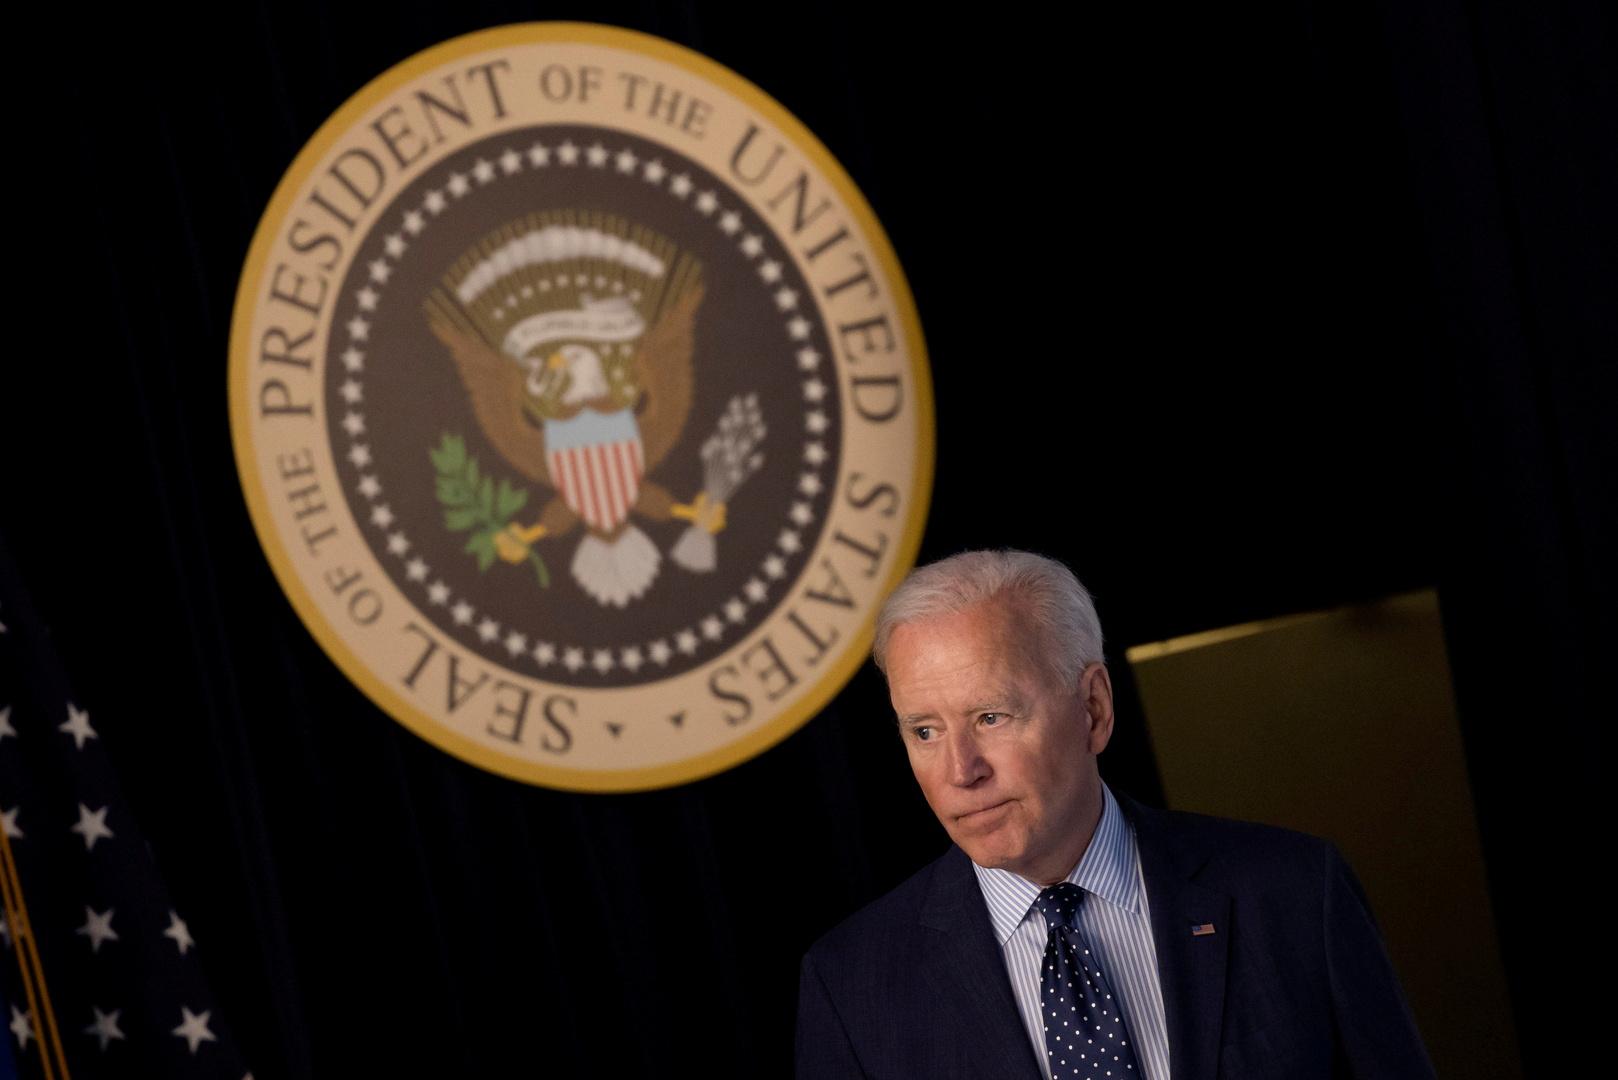 البيت الأبيض يعلن أنه أبلغ بعض أعضاء الكونغرس قبل تنفيذ ضربات جوية في سوريا والعراق